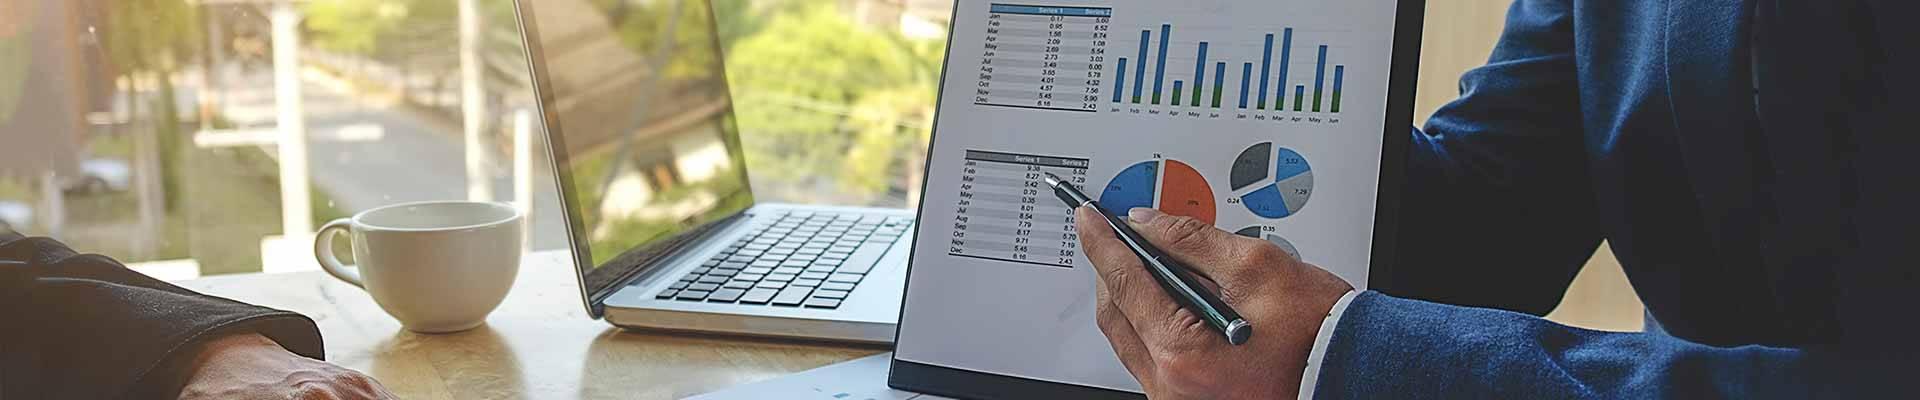 Comprehensive Digital Management